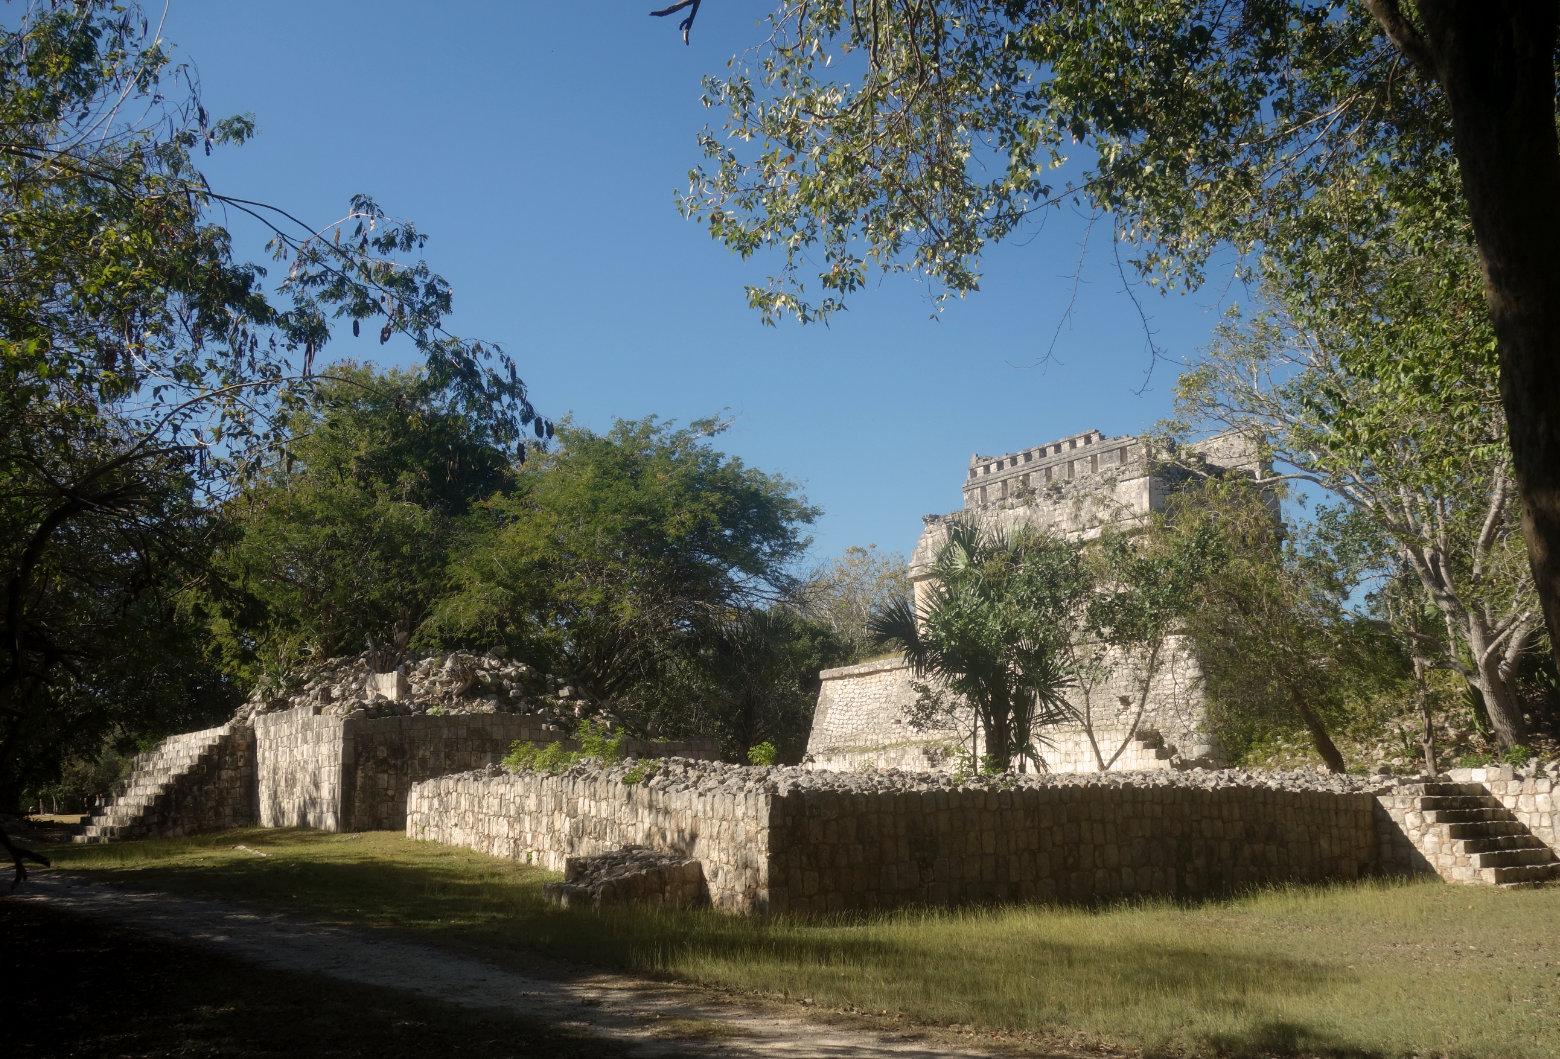 Mexiko Chichén Itzá Ruine im Wald